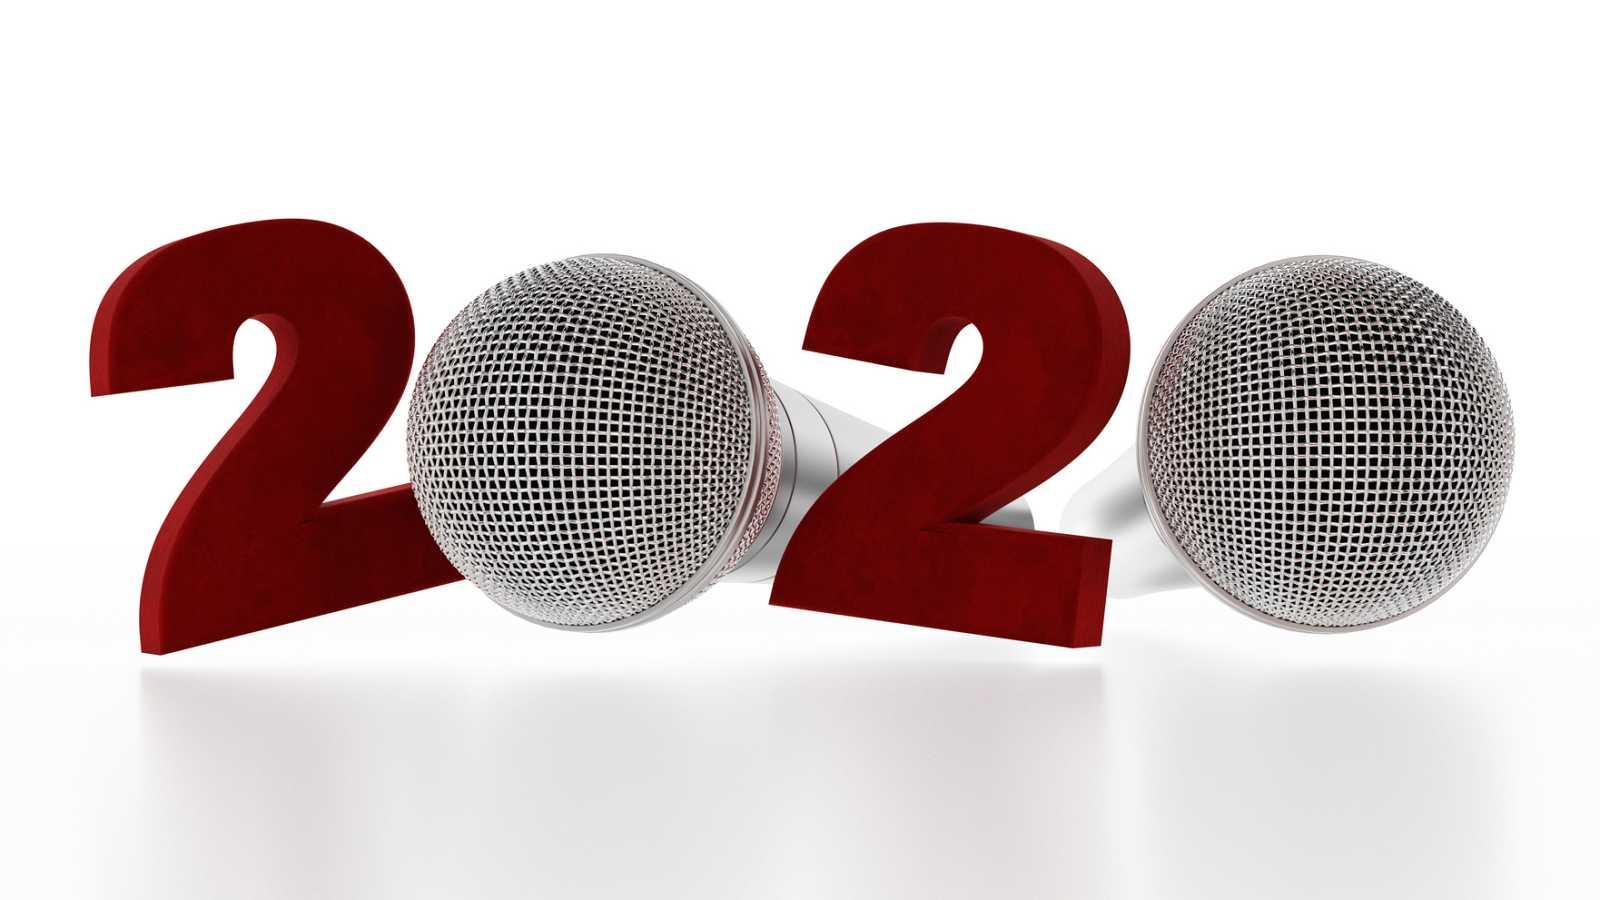 Amigos de la onda corta - Repaso al año 2020 - 31/12/20 - escuchar ahora